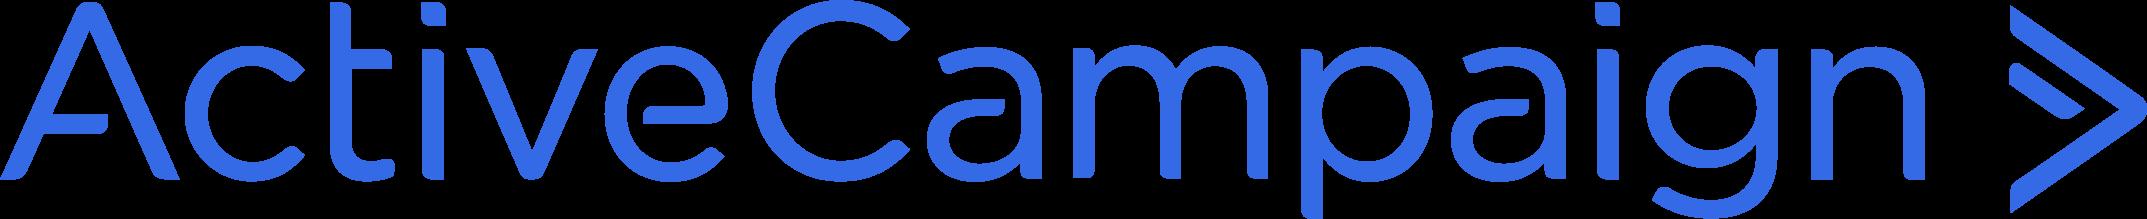 https://jasonkruger.com/wp-content/uploads/2021/03/ac_logo-blue-trans.png